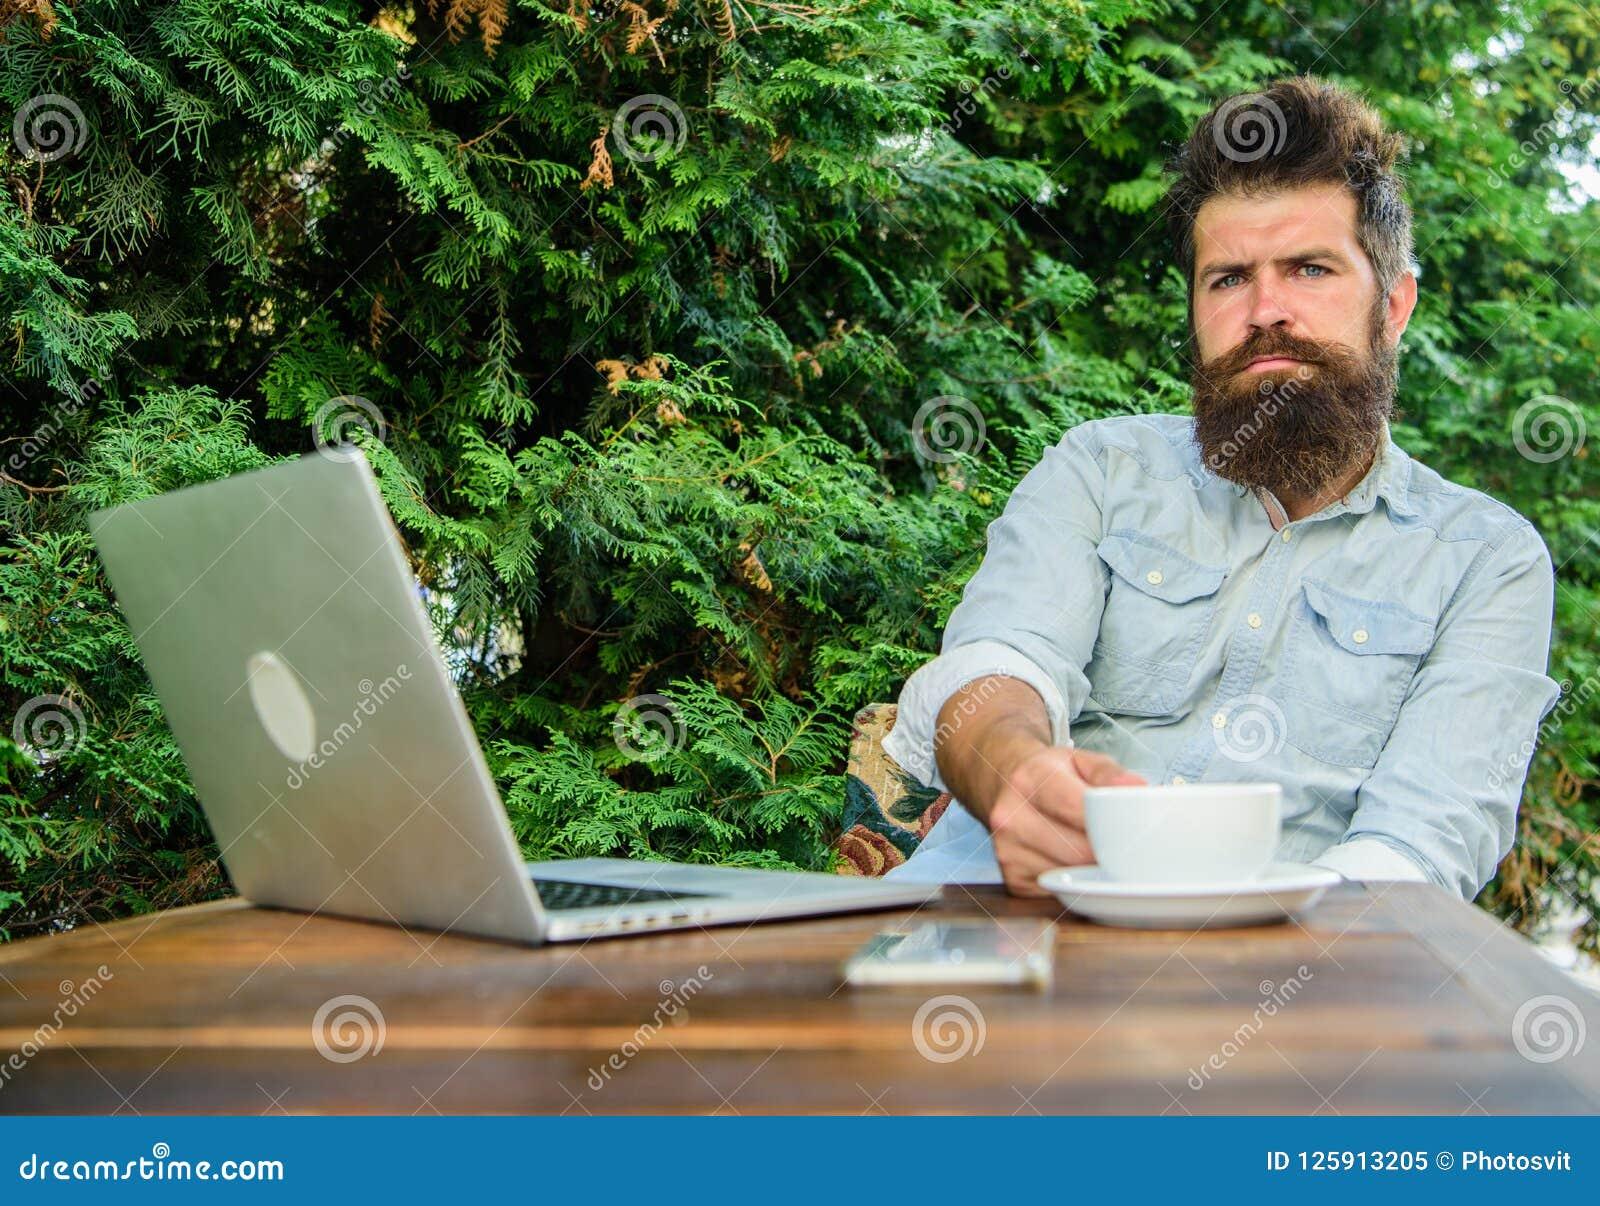 Maakt mensen gebaarde hipster pauze voor drinkt koffie en denkt terwijl met laptop zit Te ontspannen onderbreking De kerel drinkt